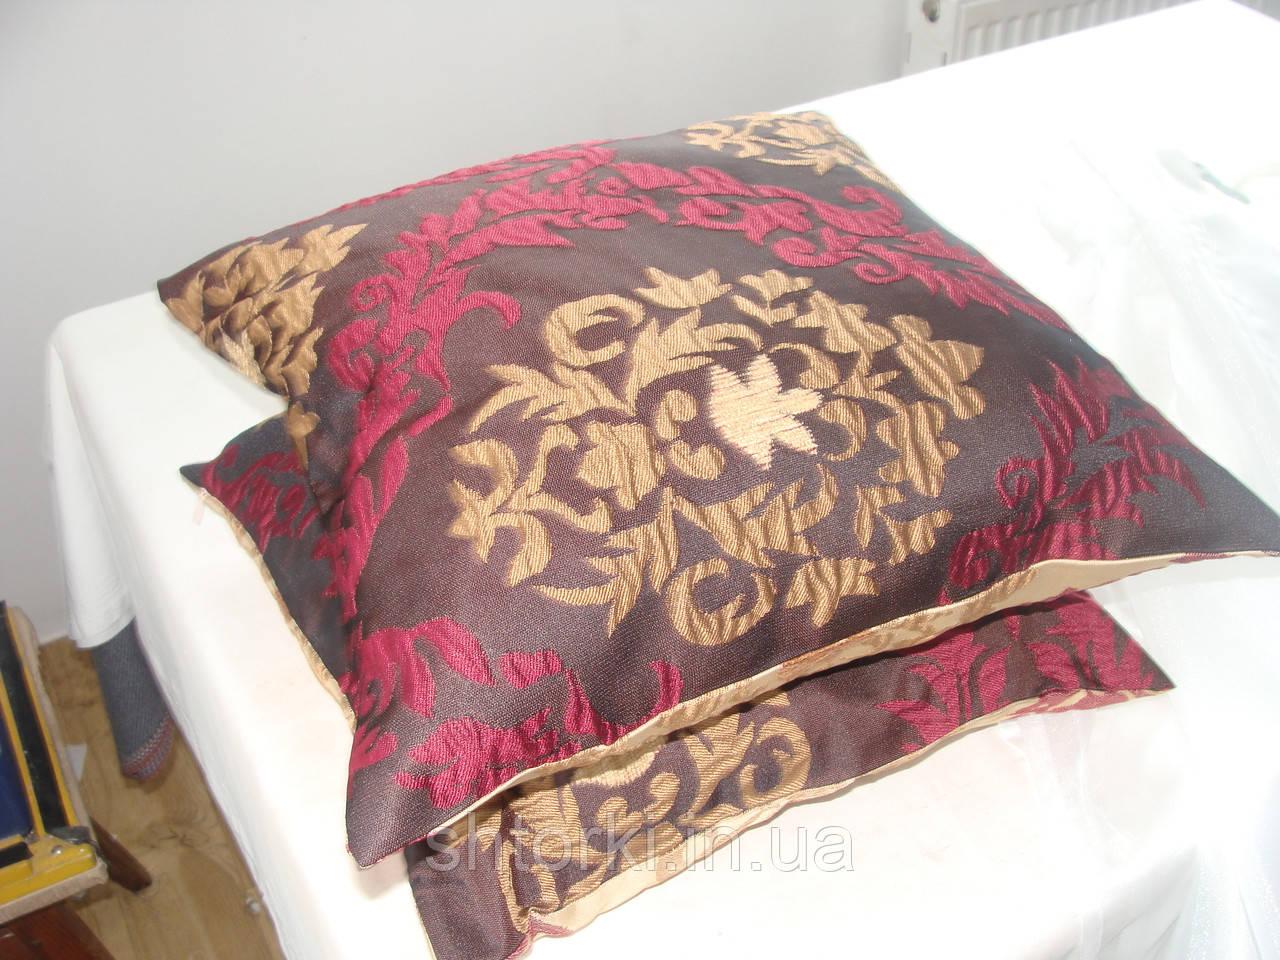 Комплект подушек 2шт,40х40 разные цвета